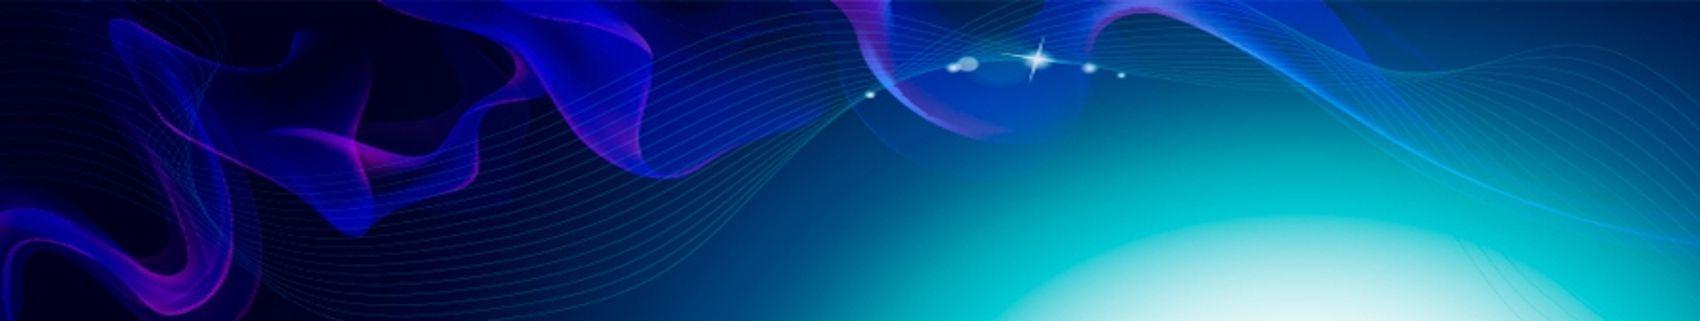 абстракция волны линии синие голубые